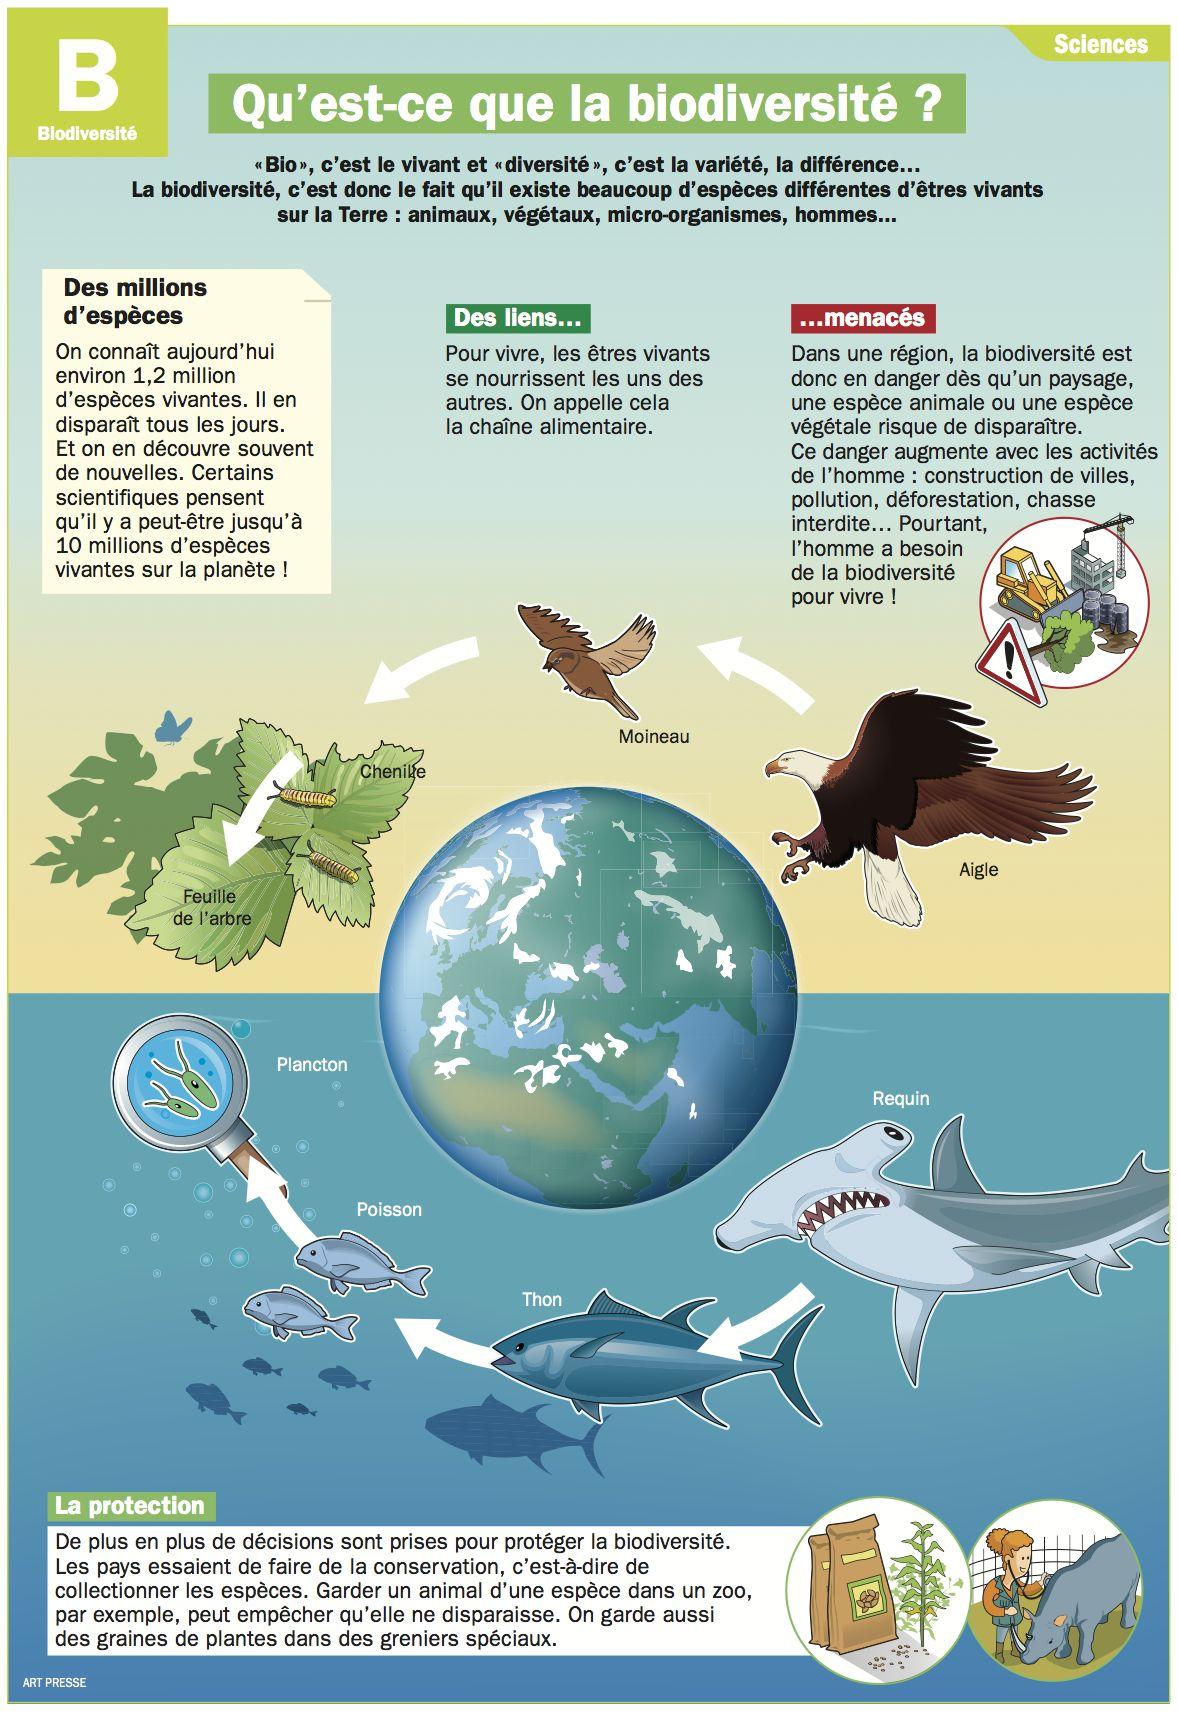 Quest Ce Que La Biodiversité Infographies Environnement